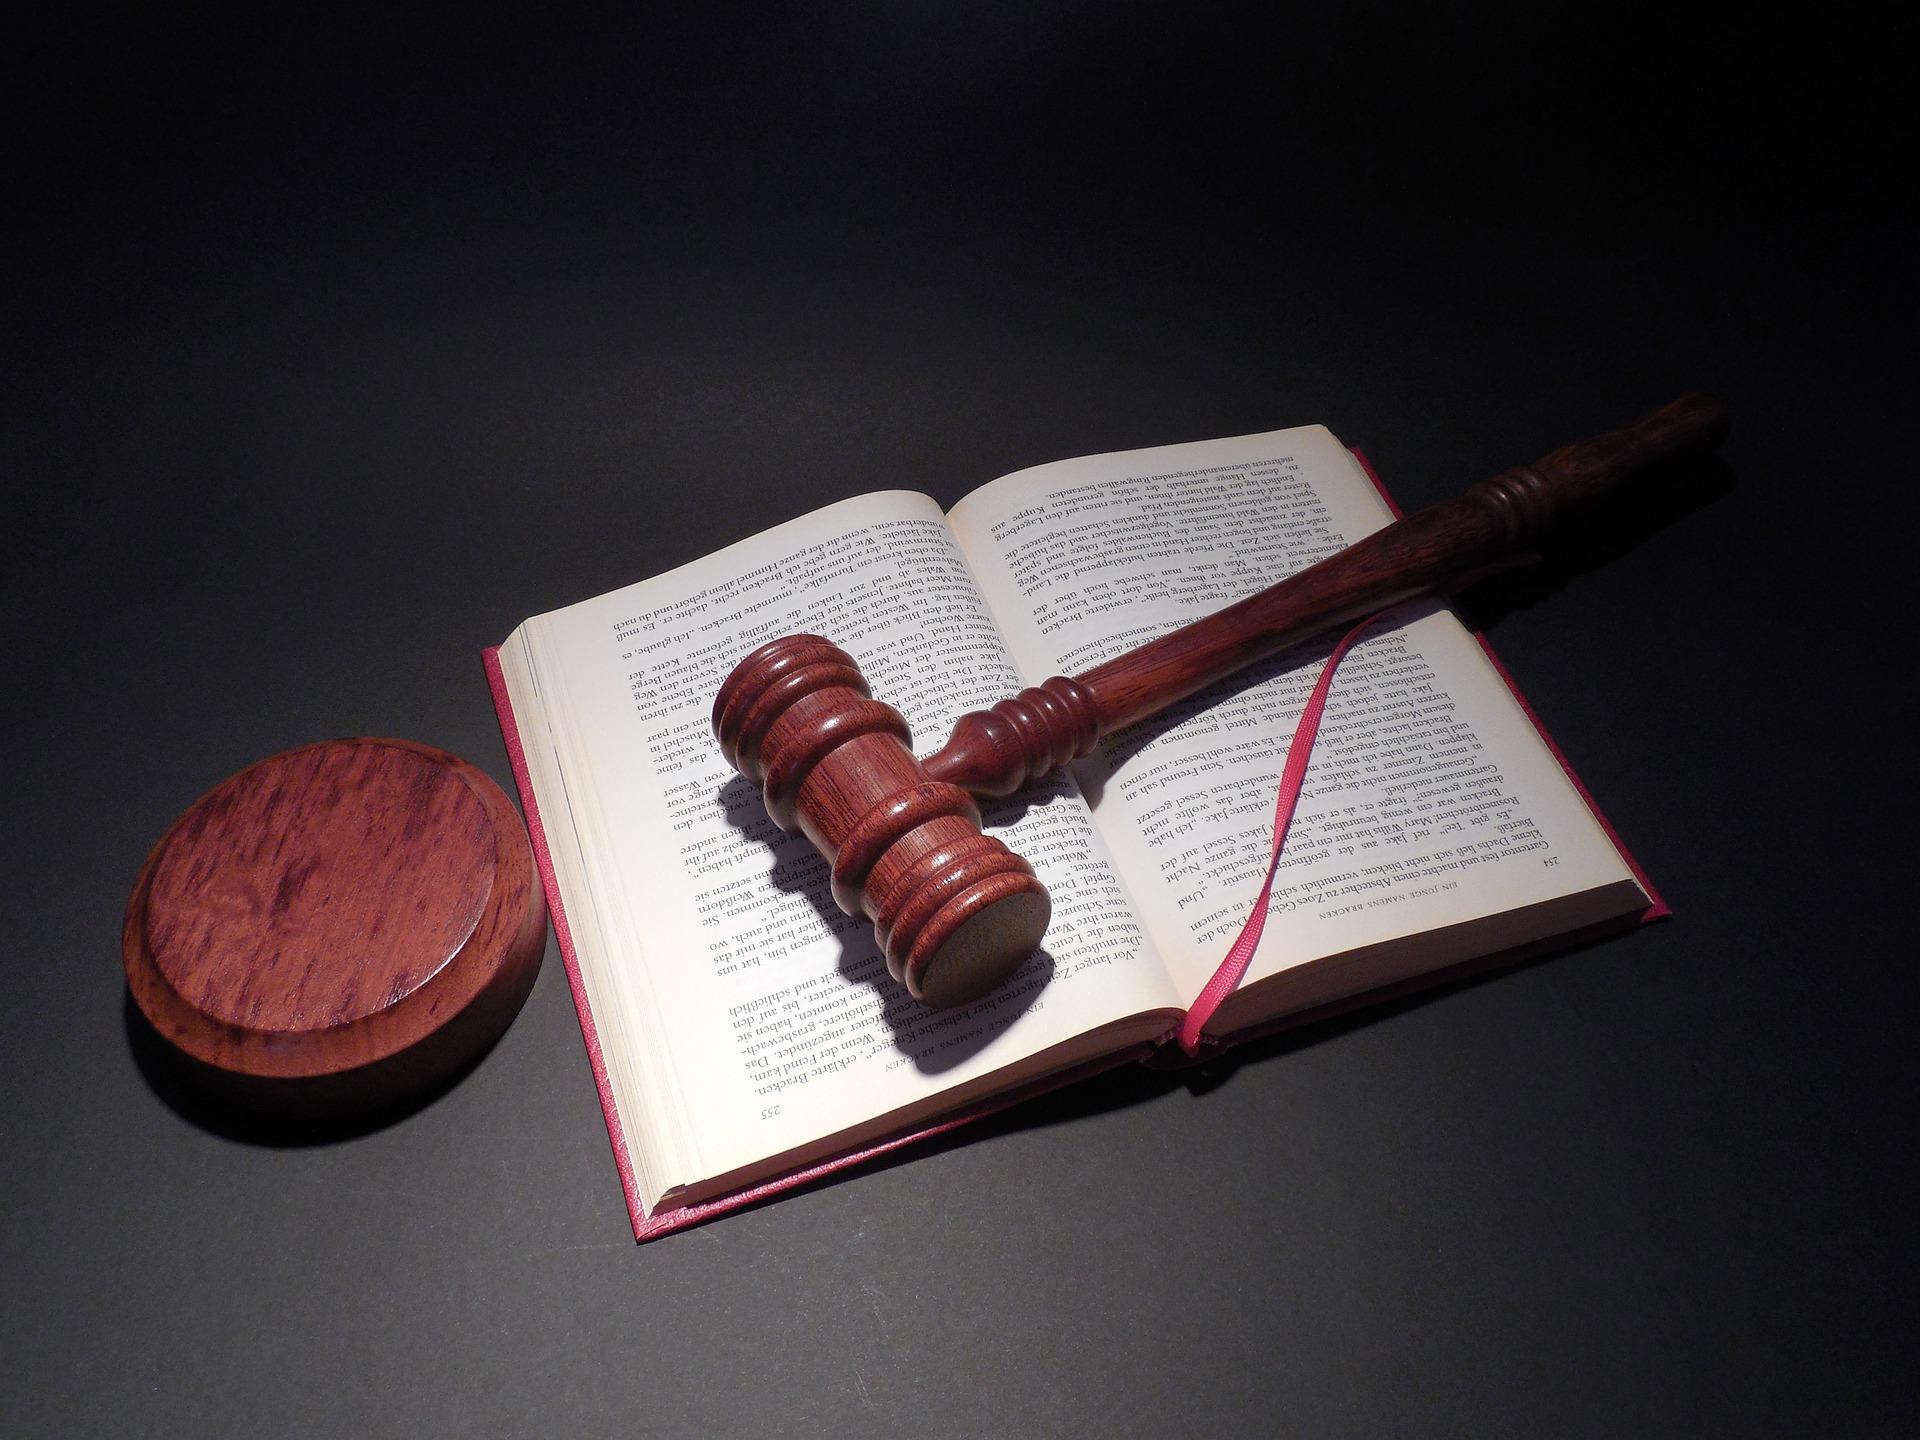 עורכי דין רשלנות רפואית – כל מה שאתם צריכים לדעת